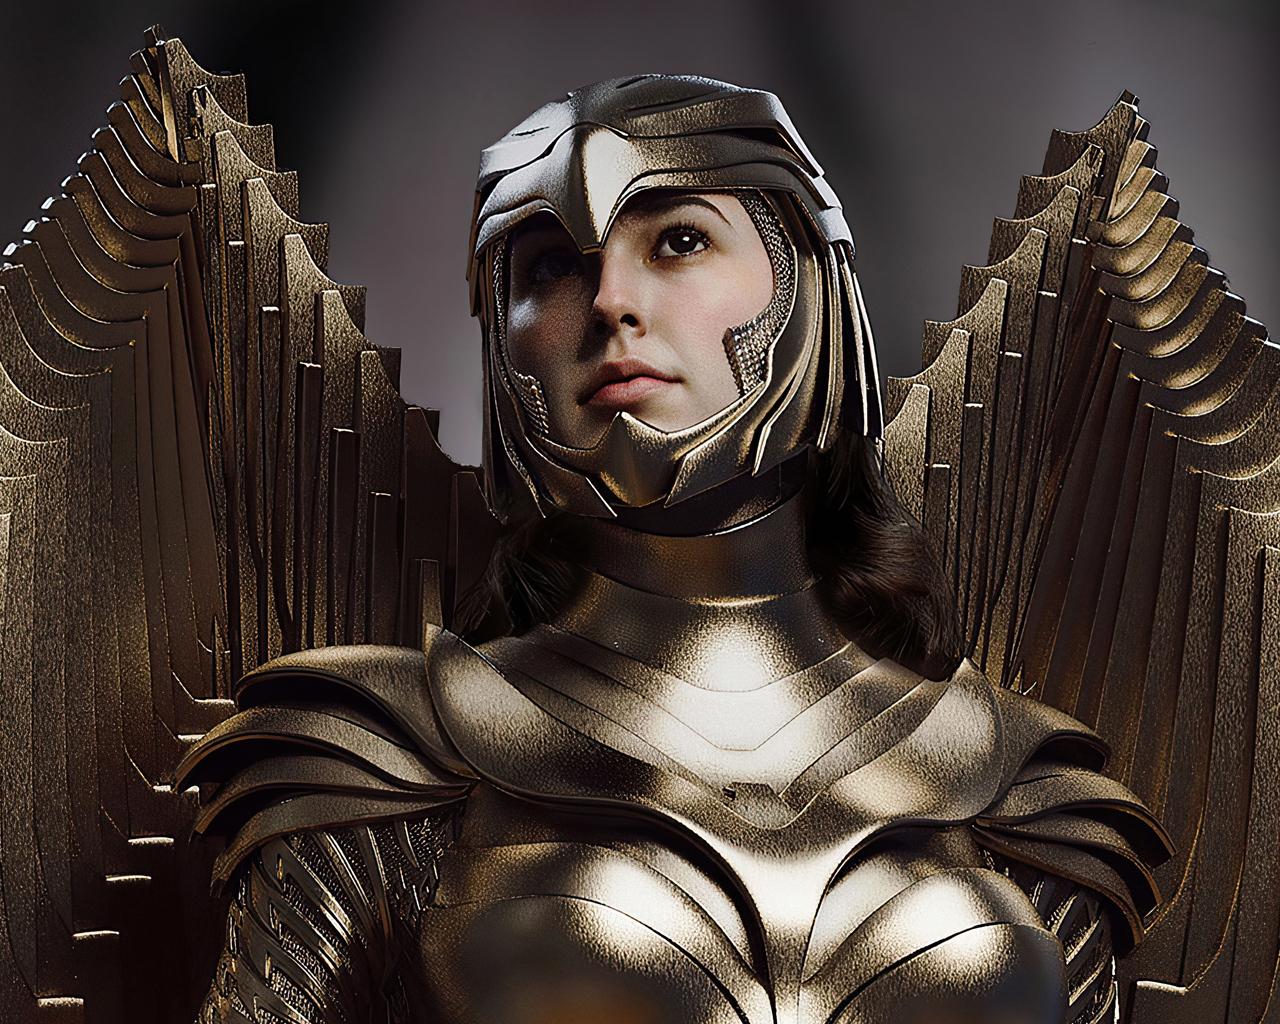 wonder-woman-1984-golden-wing-armor-4k-6w.jpg